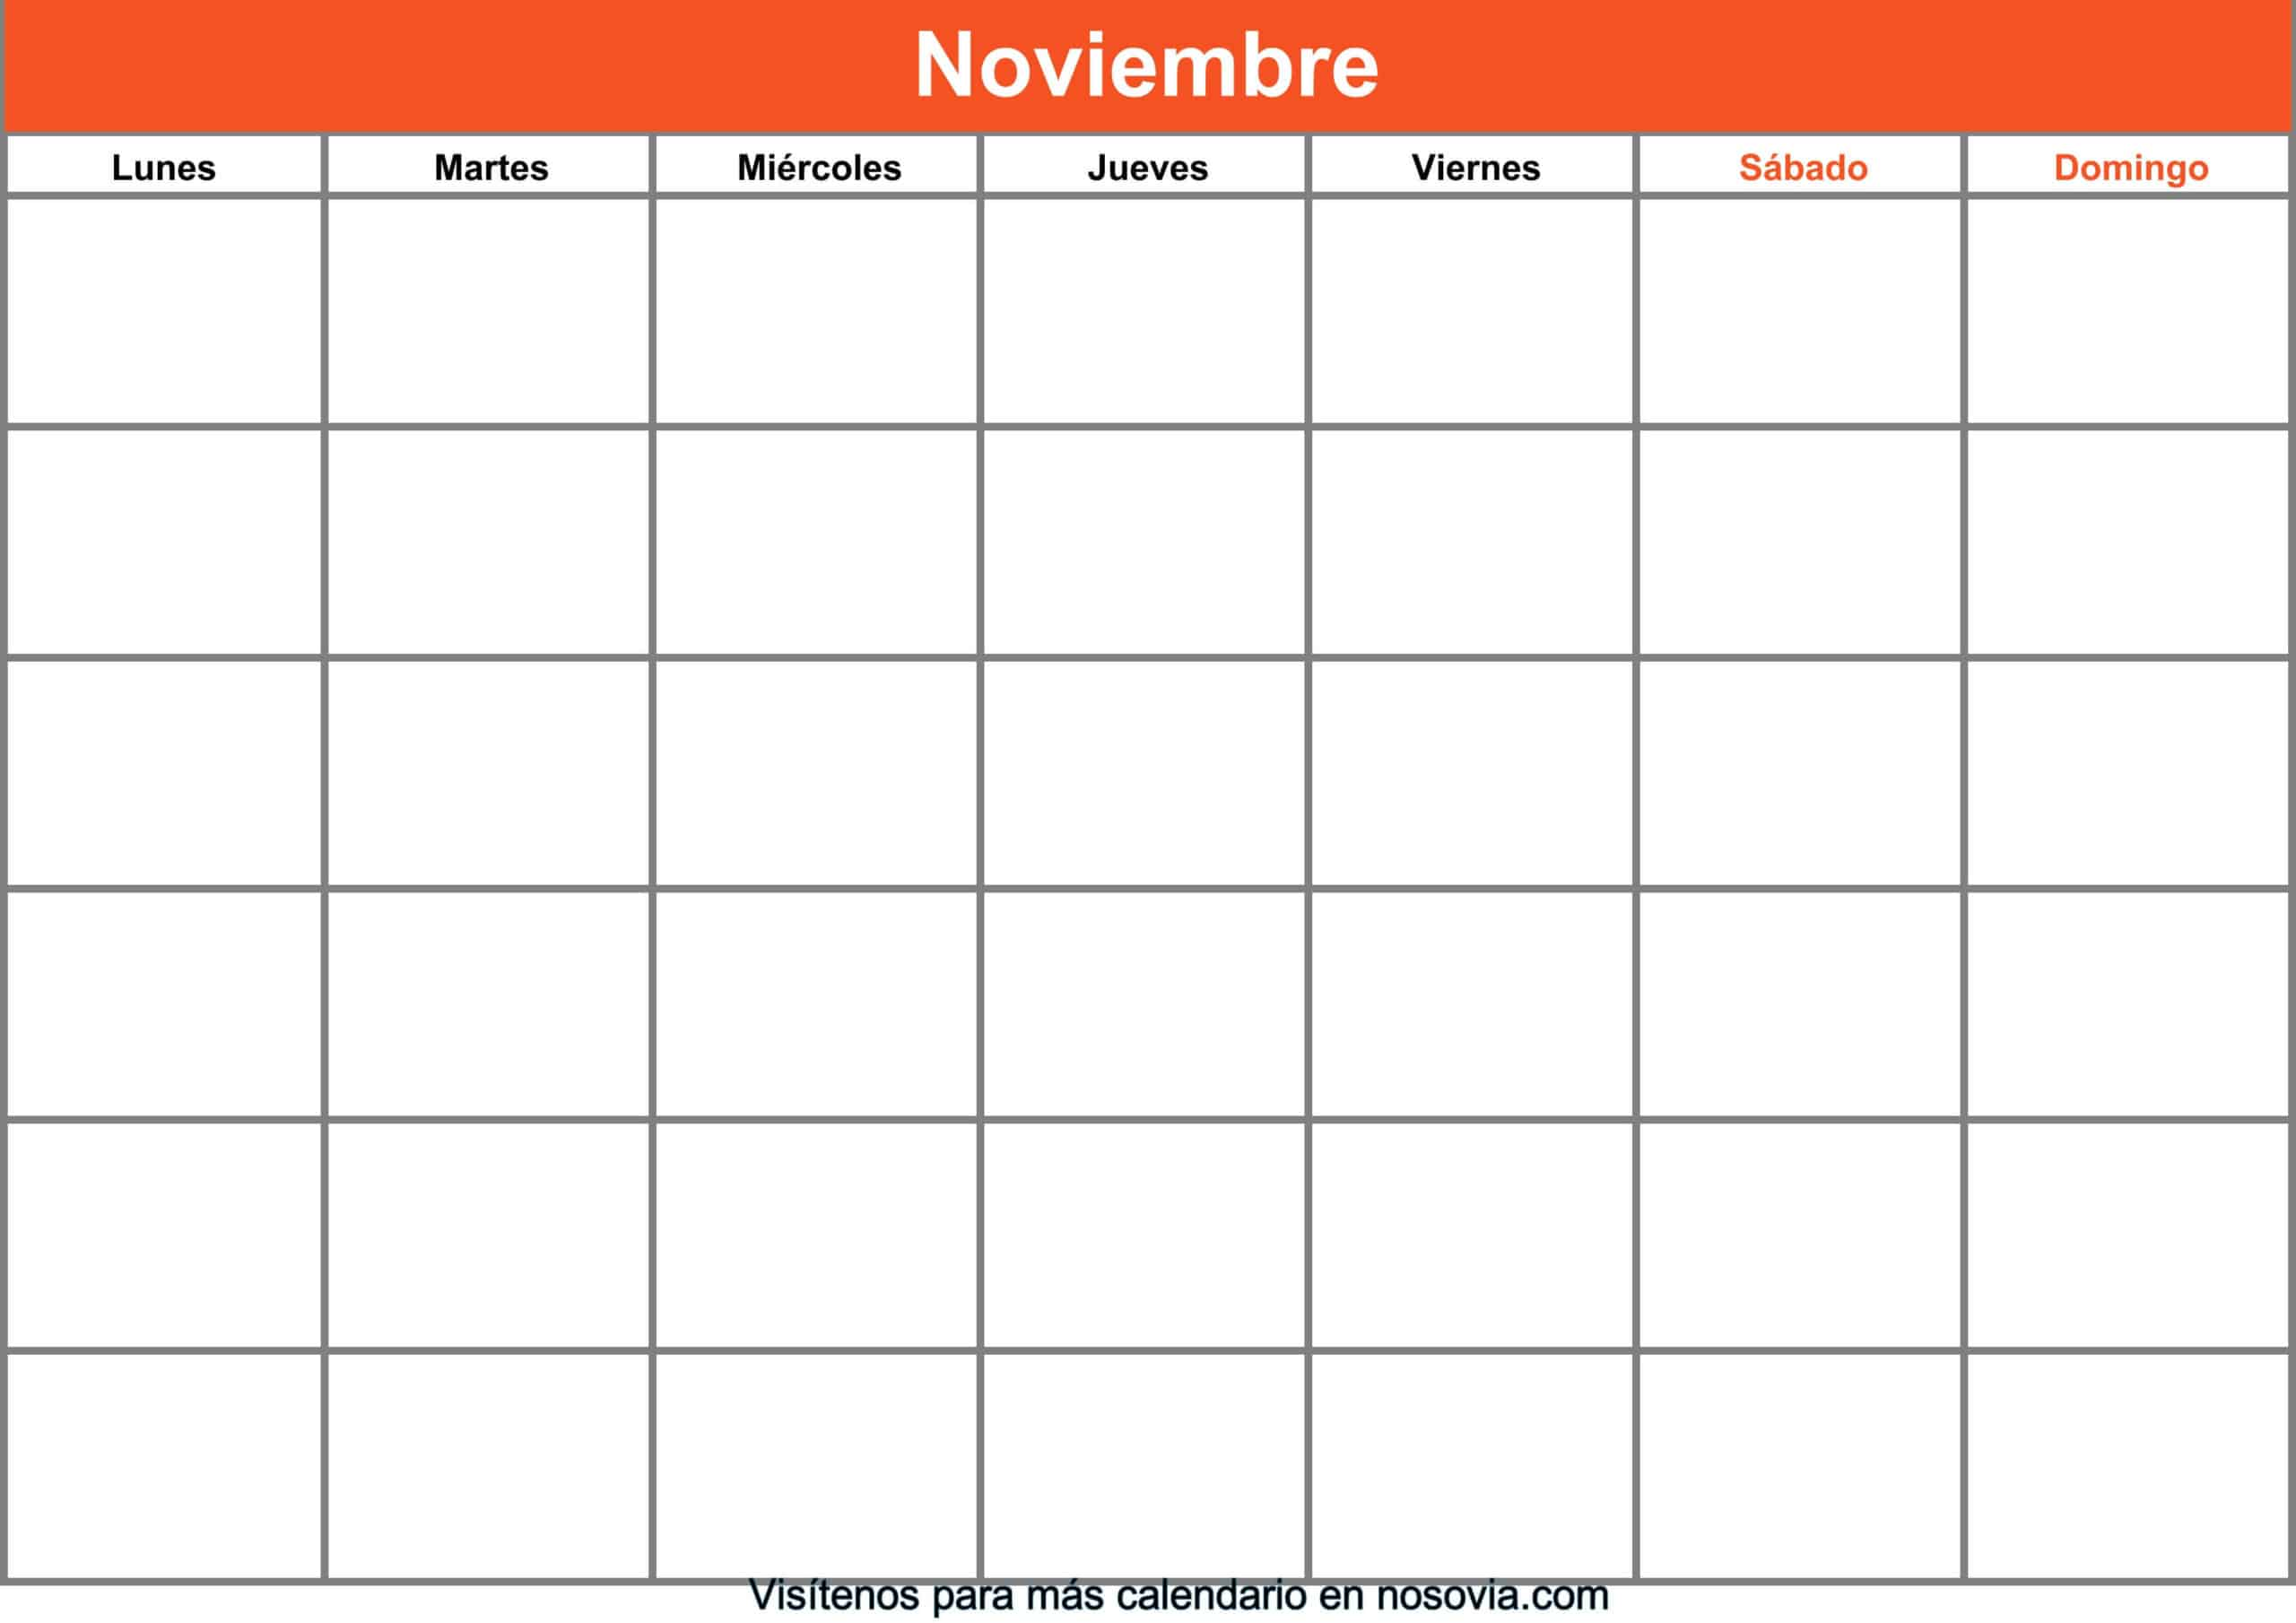 Calendario-noviembre-2020-en-blanco-plantilla-gratis